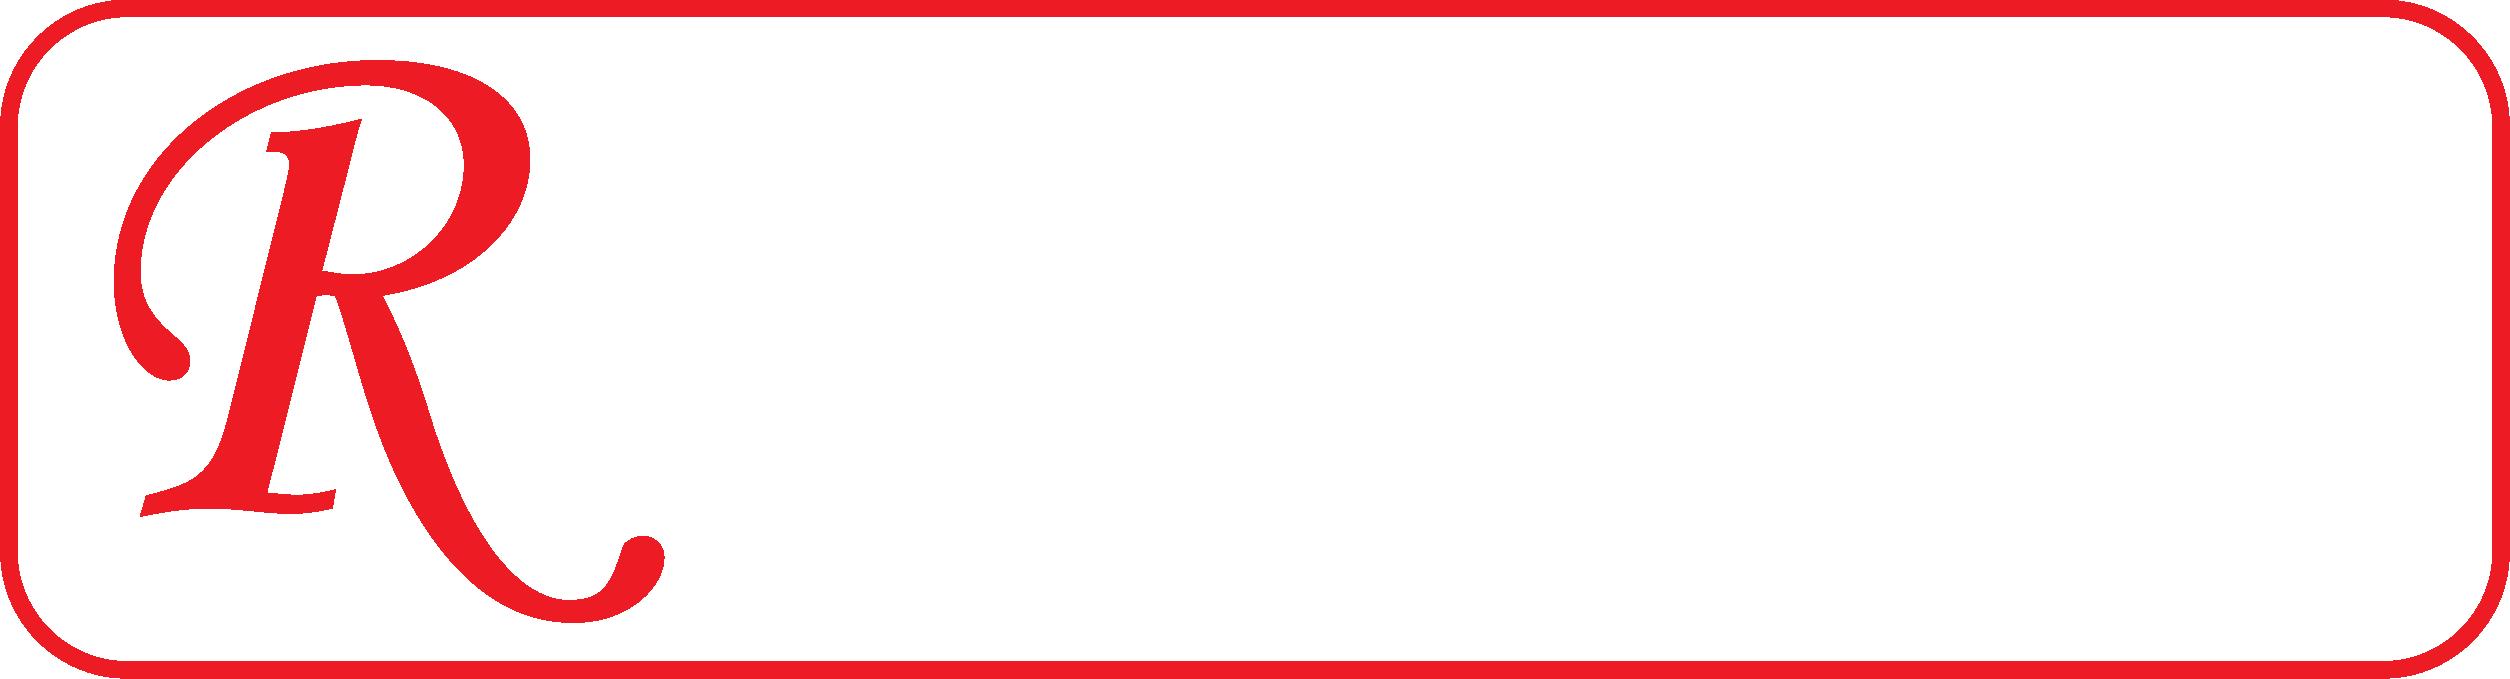 routemate white logo